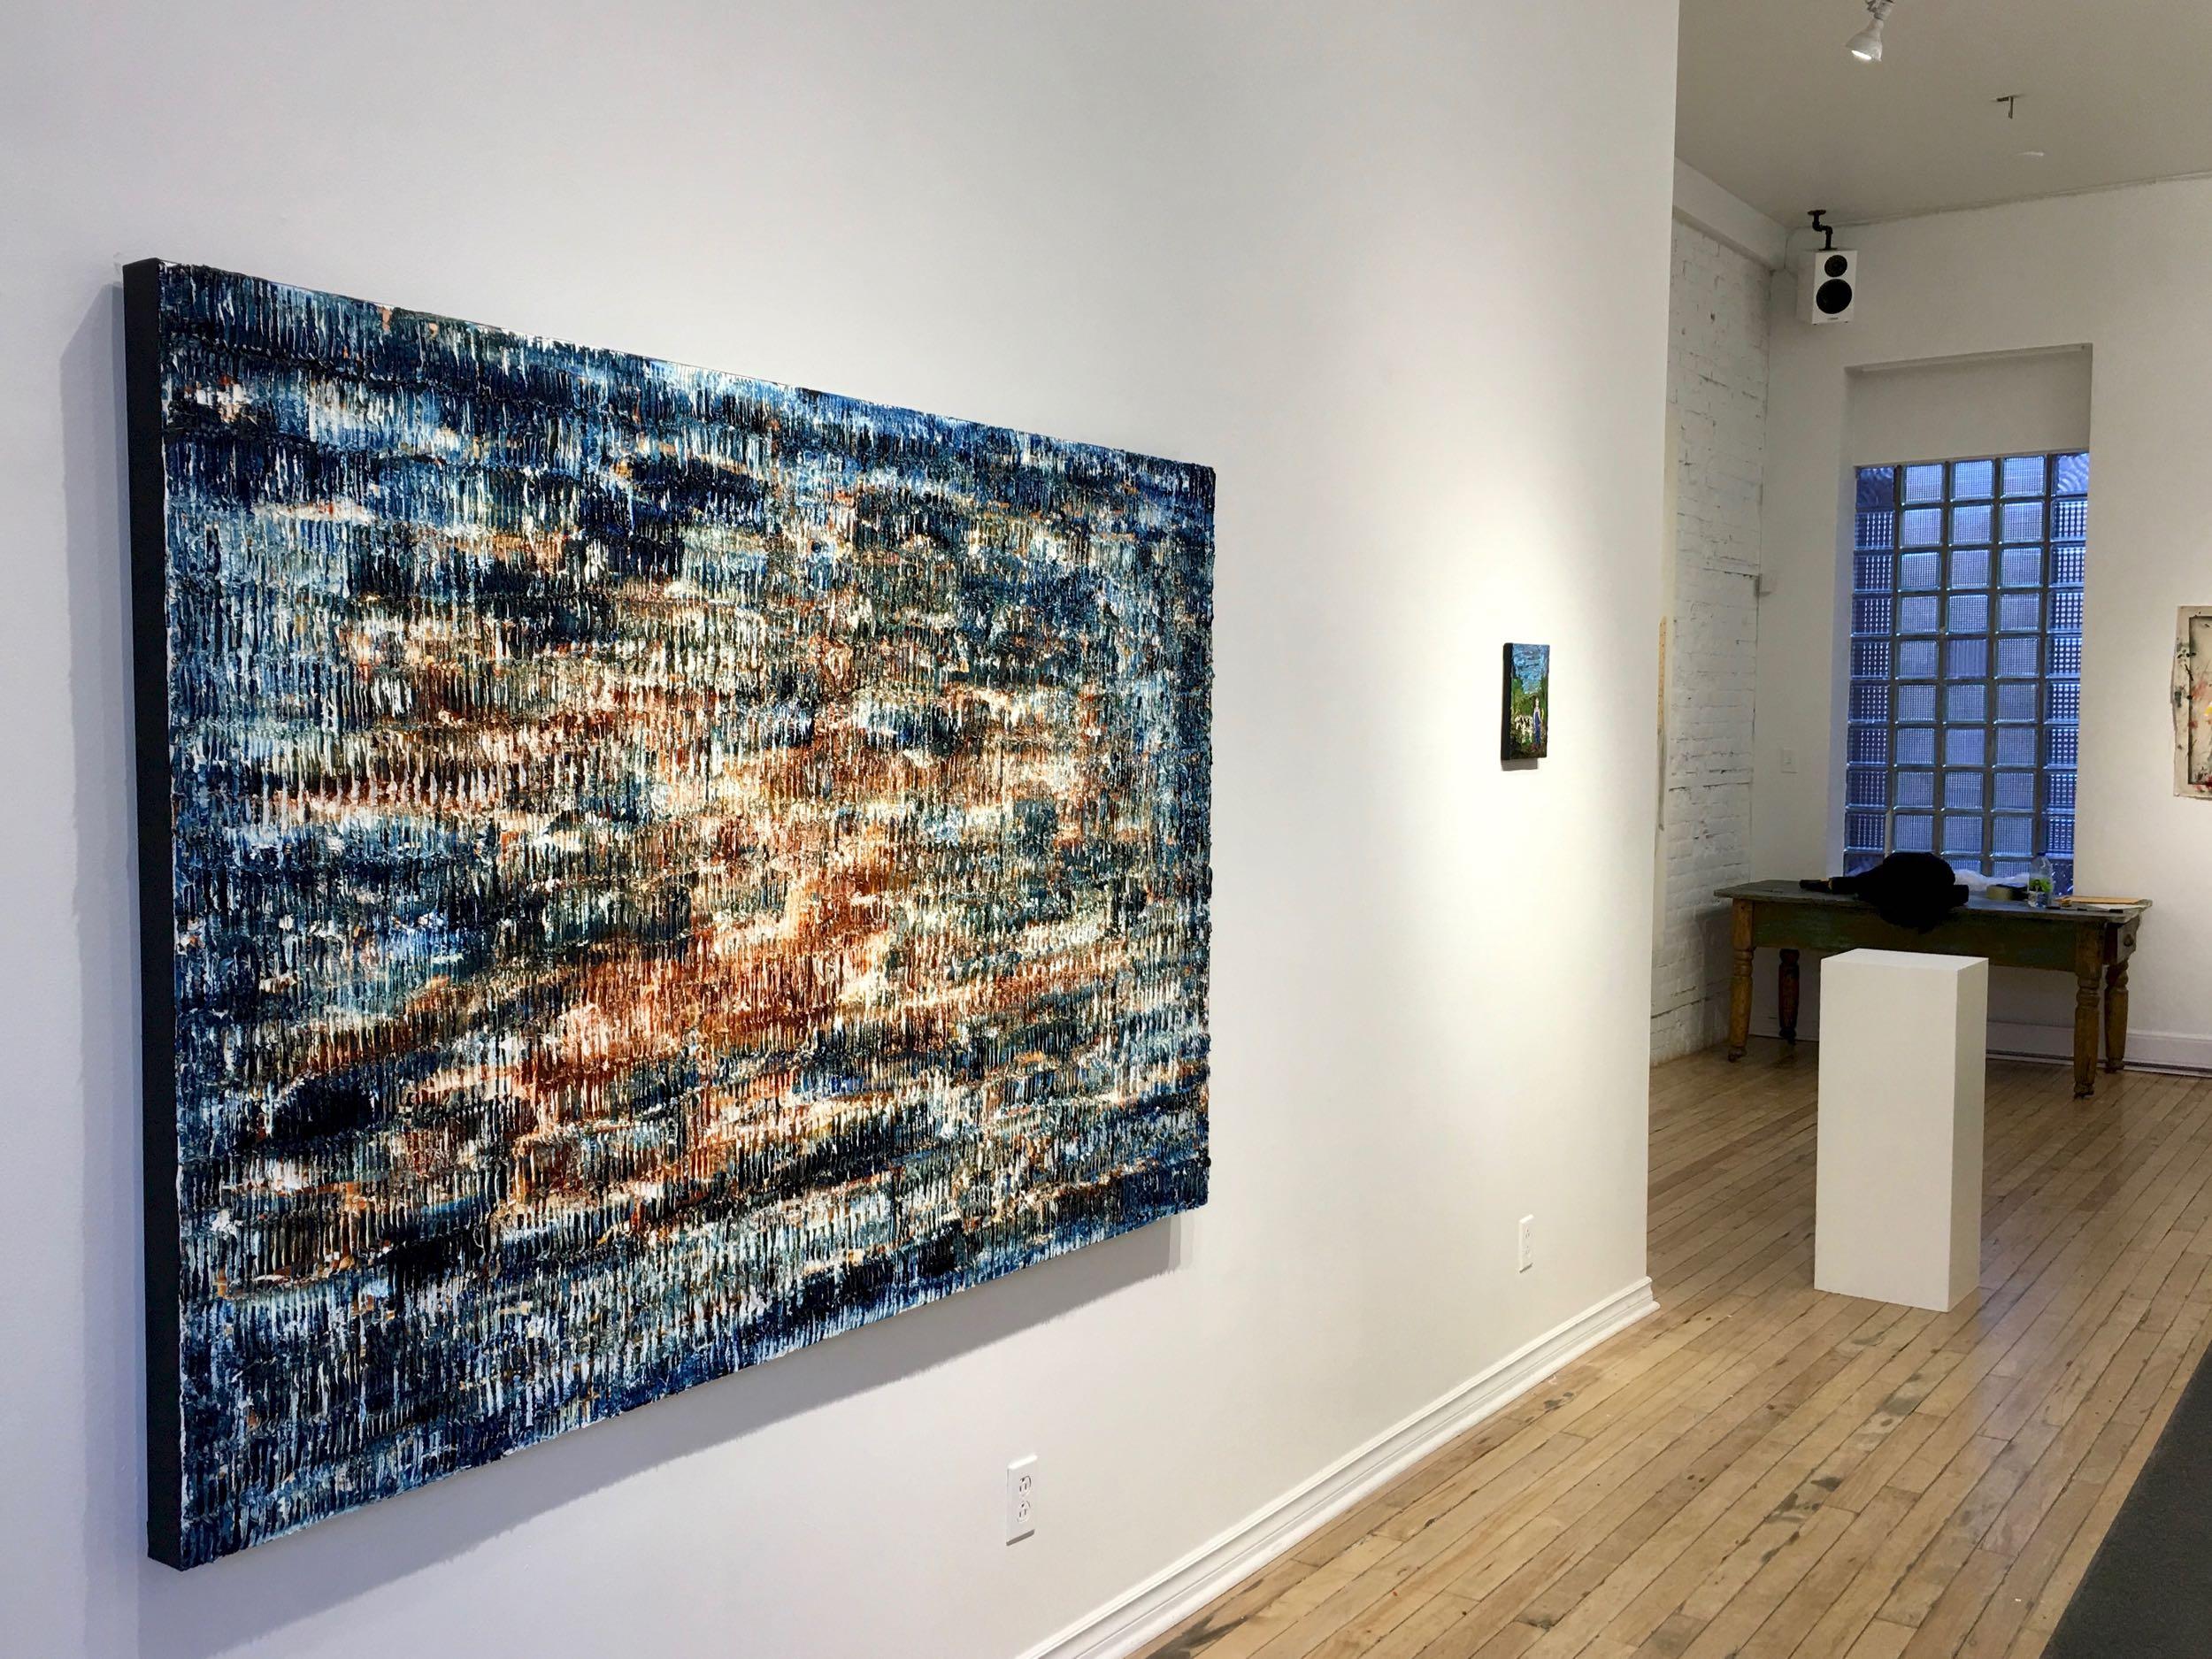 Le tableau  Sandbanks, présentement exposé à la Galerie Youn jusqu'au 11 mars 2017